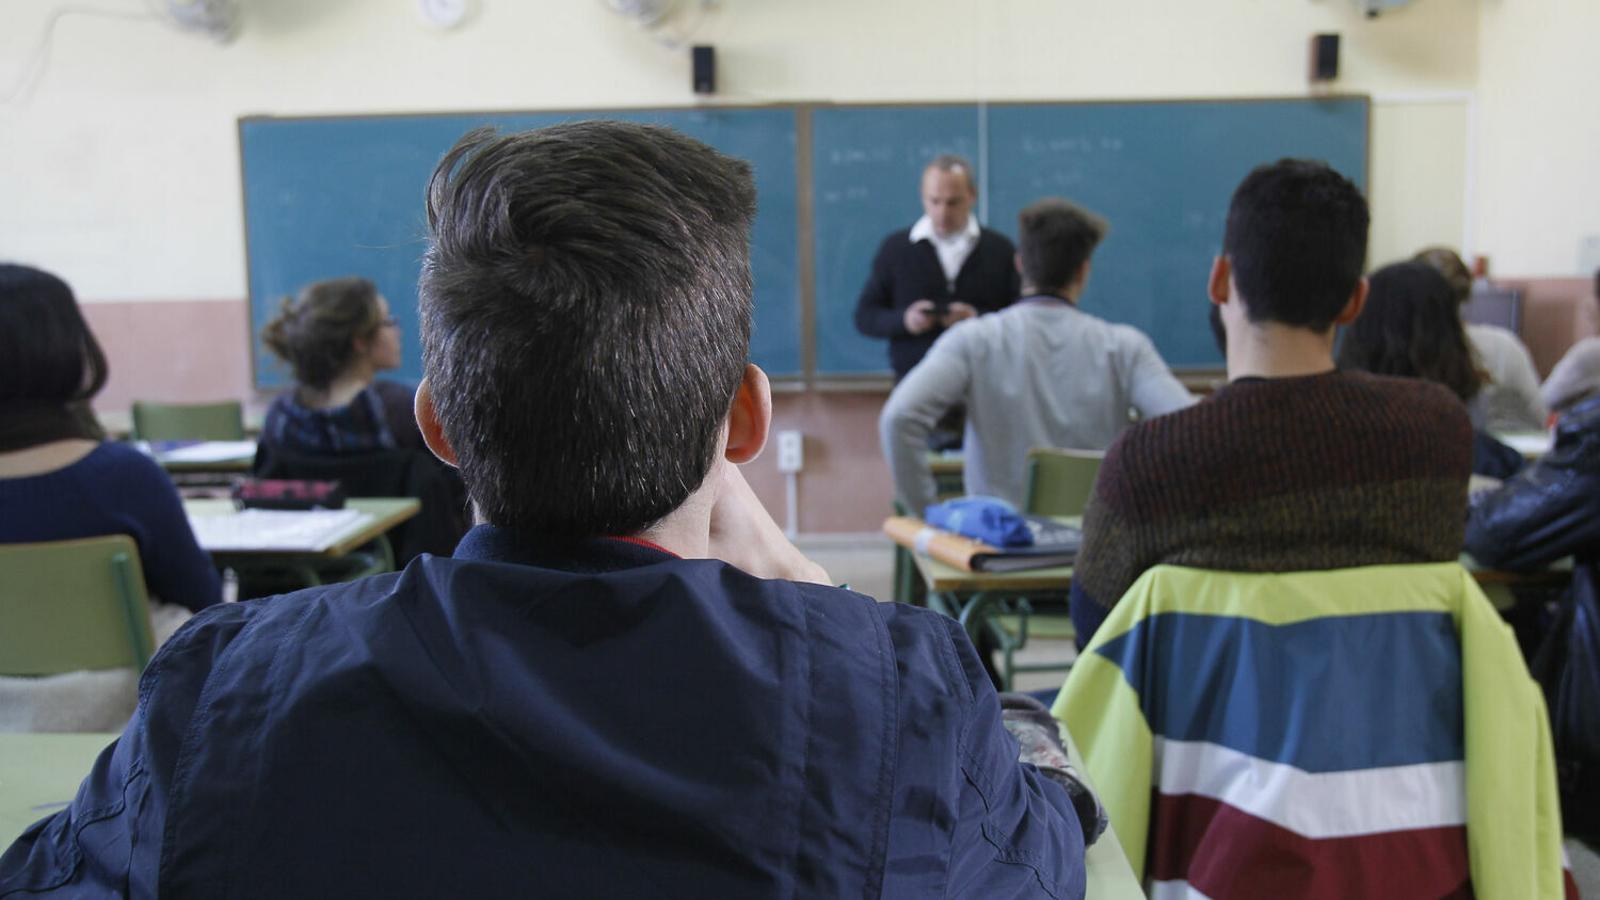 Tots els partits menys el PP i Ciutadans condemnen la intromissió de Vox a les escoles